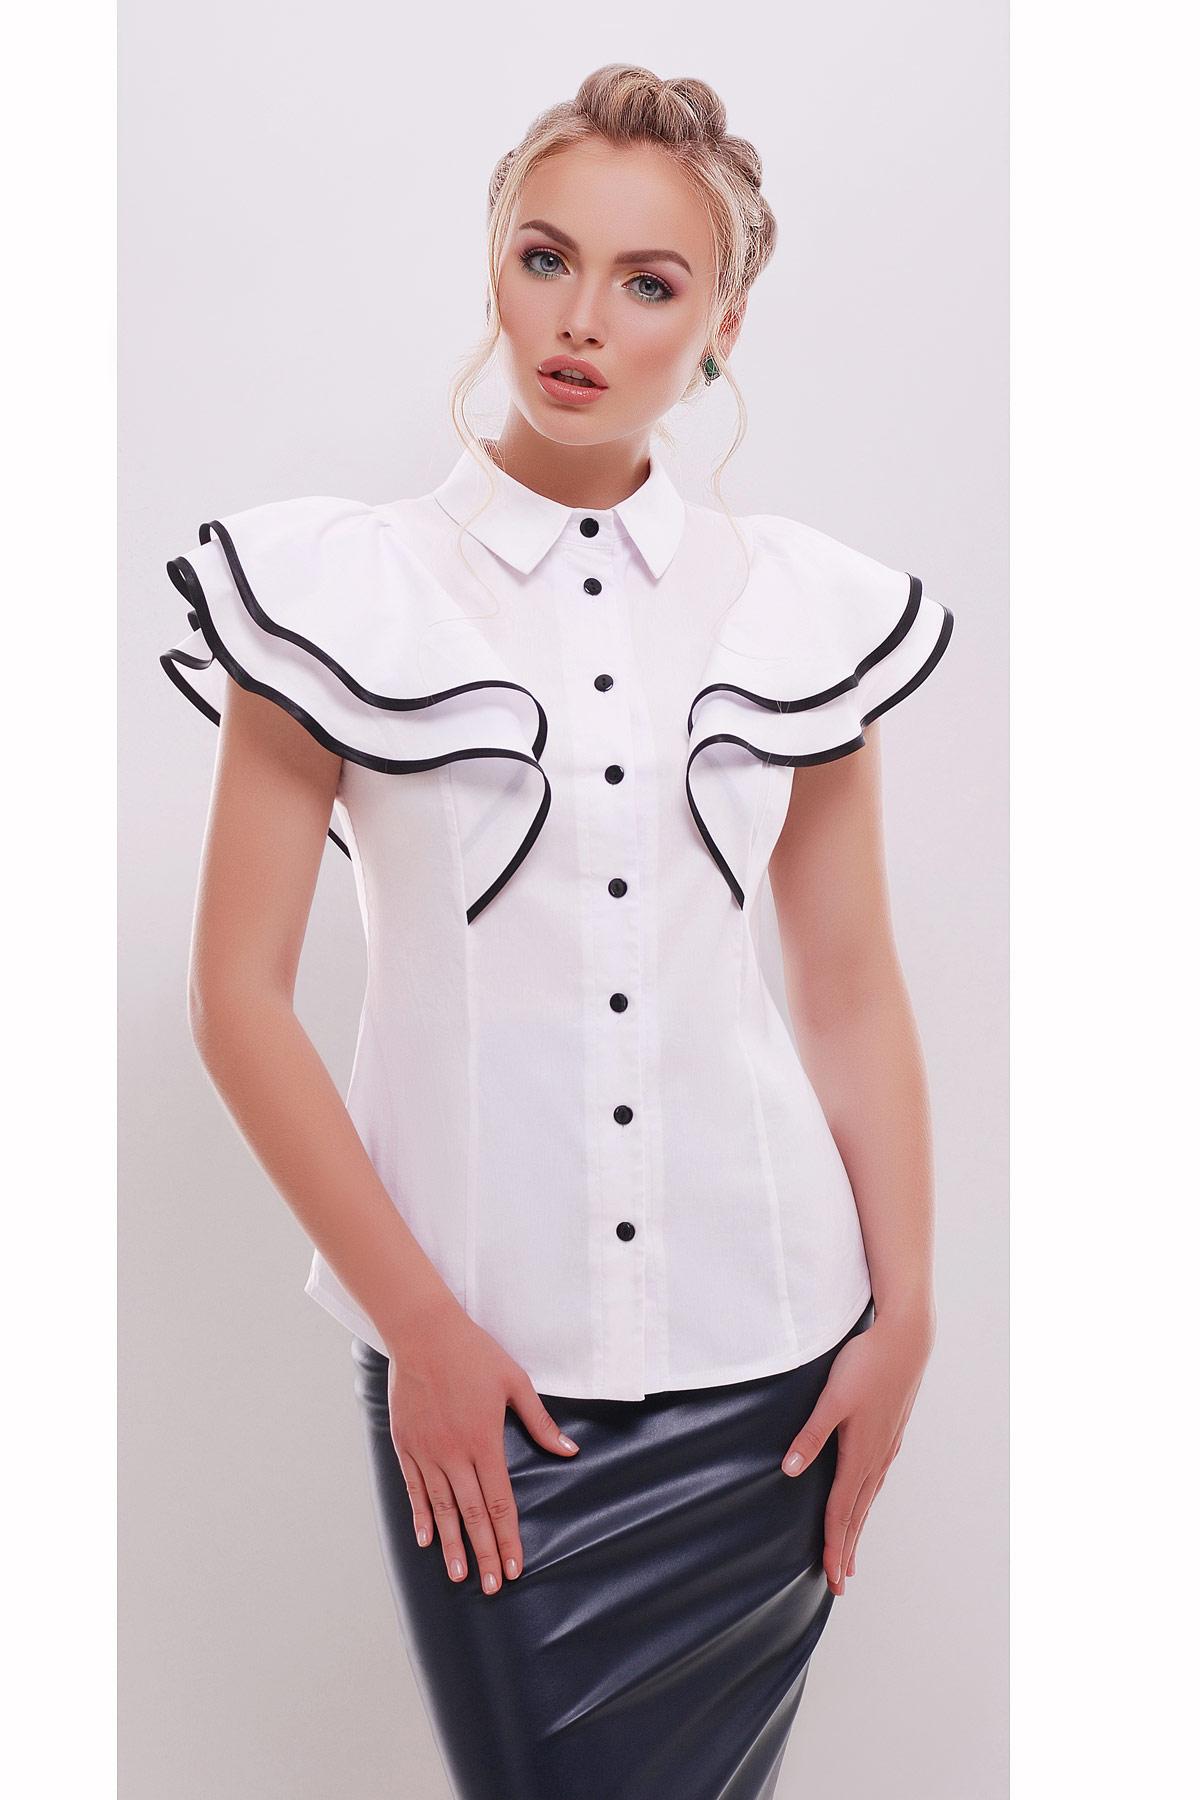 модные блузки весна лето 2019: вечерняя белая рукава с воланами